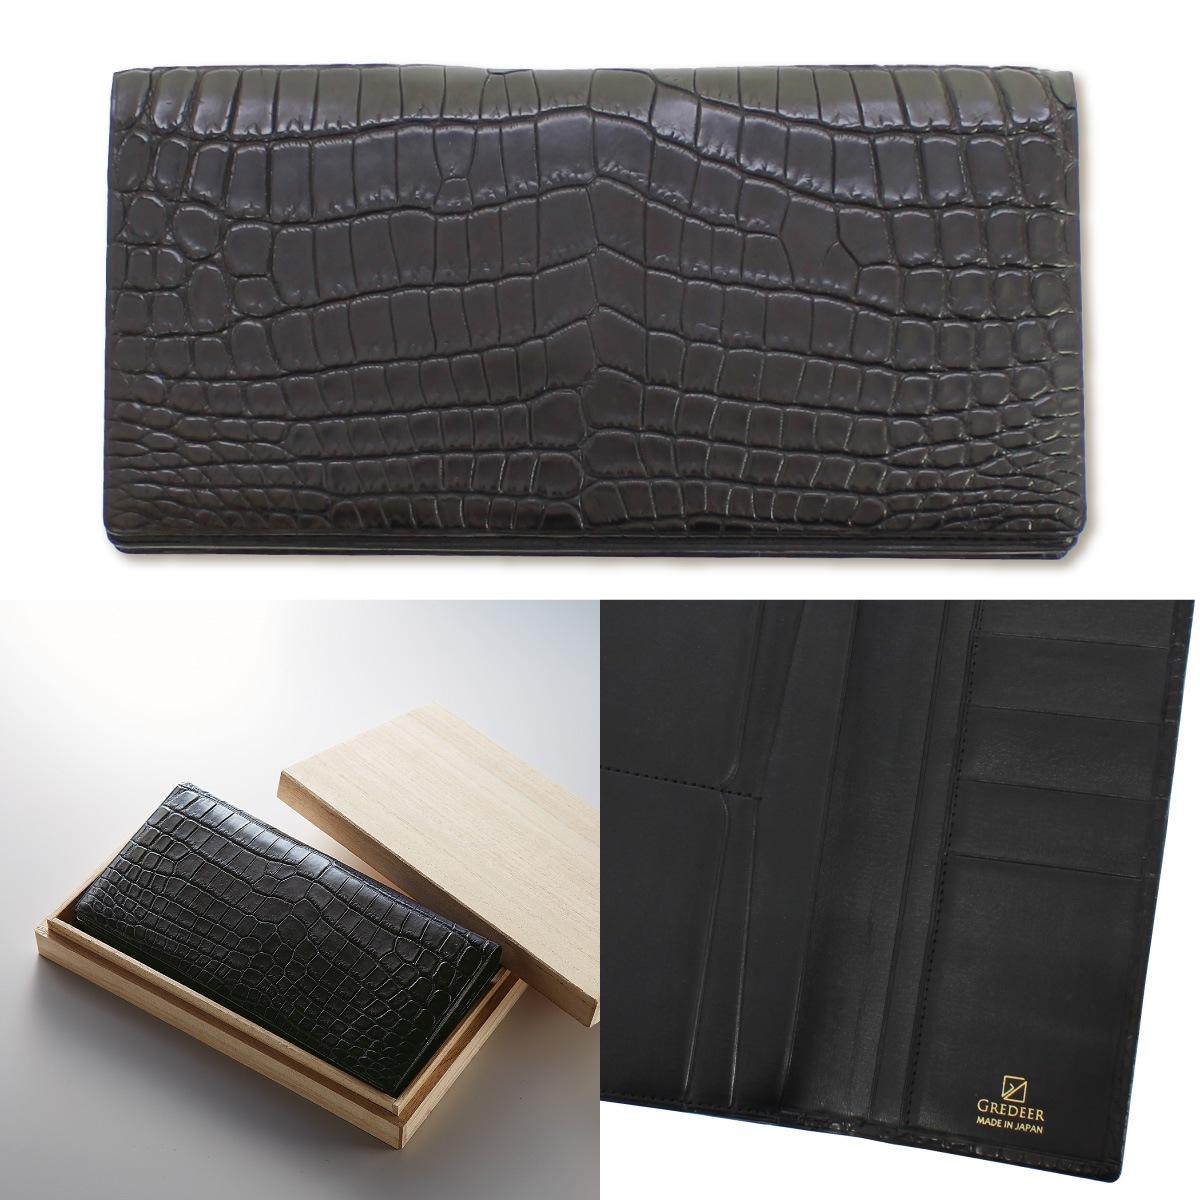 ワニ革(クロコダイル)のプレミアム財布 GREDEER クロコダイル 長財布 【カラー:ブラック】